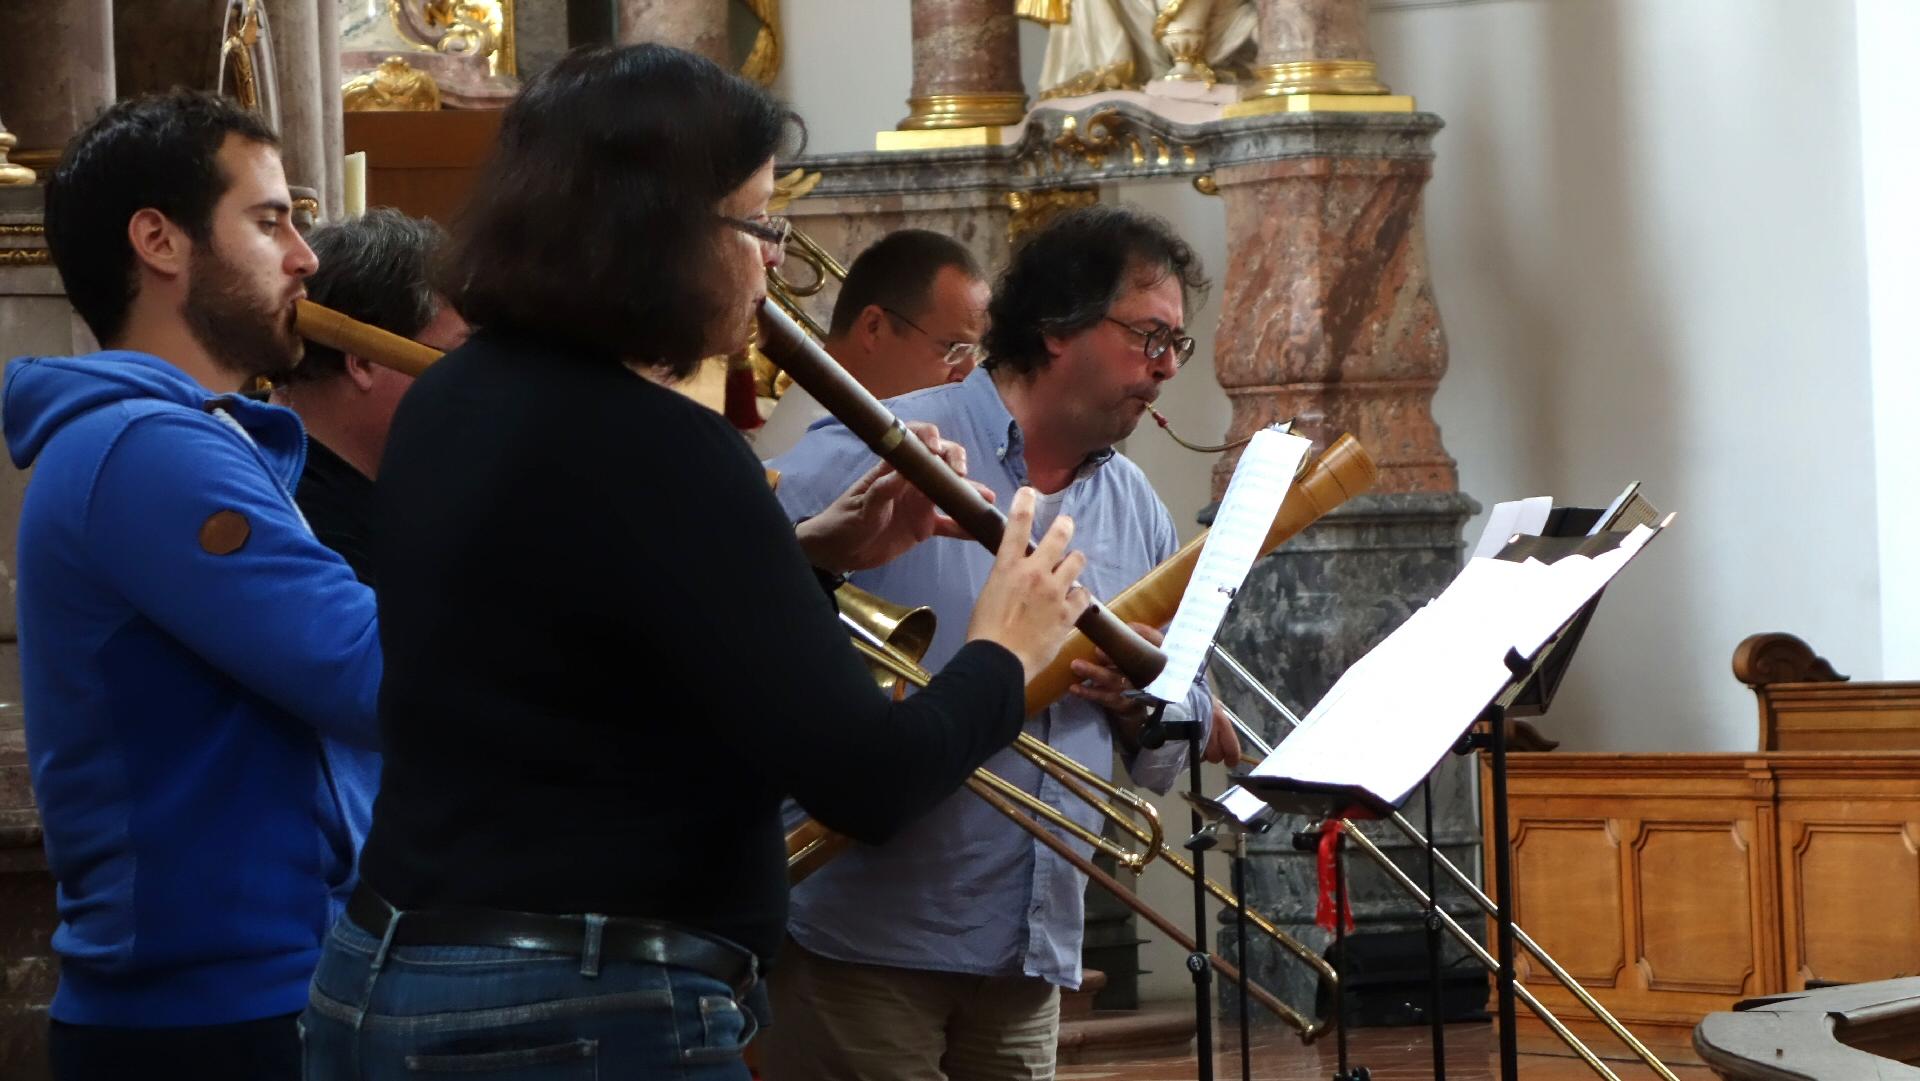 Kurs für Alte Musik Mainz 9-2016 (03)